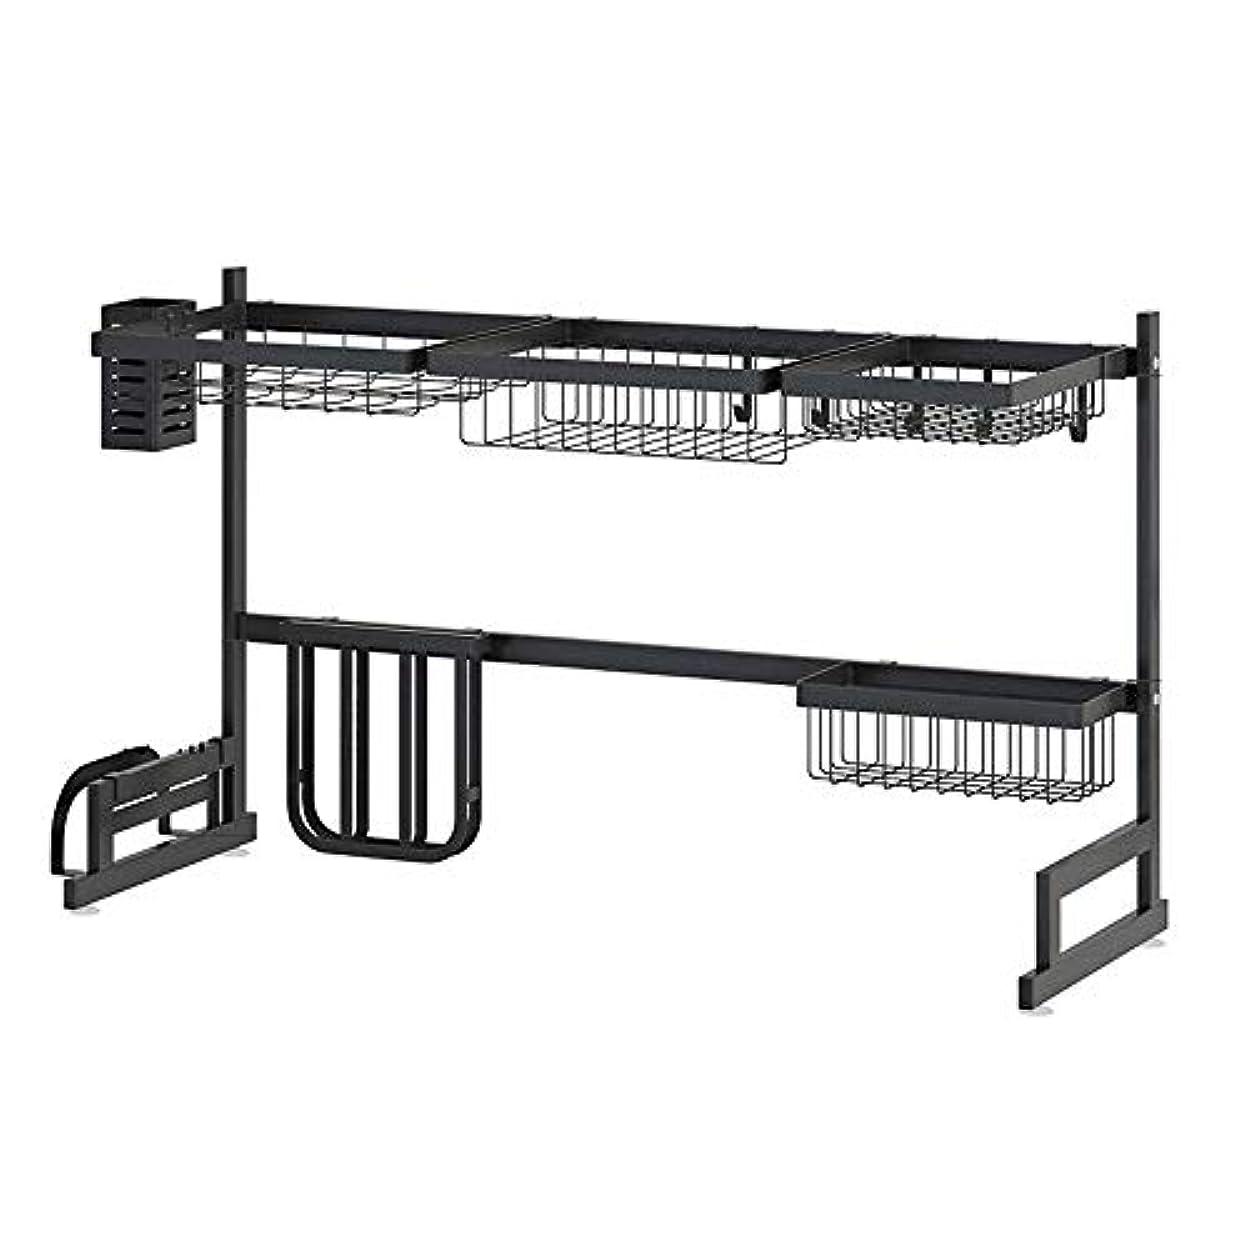 バースト文字通りカーテン201ステンレススチール製収納ラック、滑り止め、キッチンラック、黒、金属、キッチン用品、耐荷重性、防湿性、耐腐食性、4フック付き、85 cm